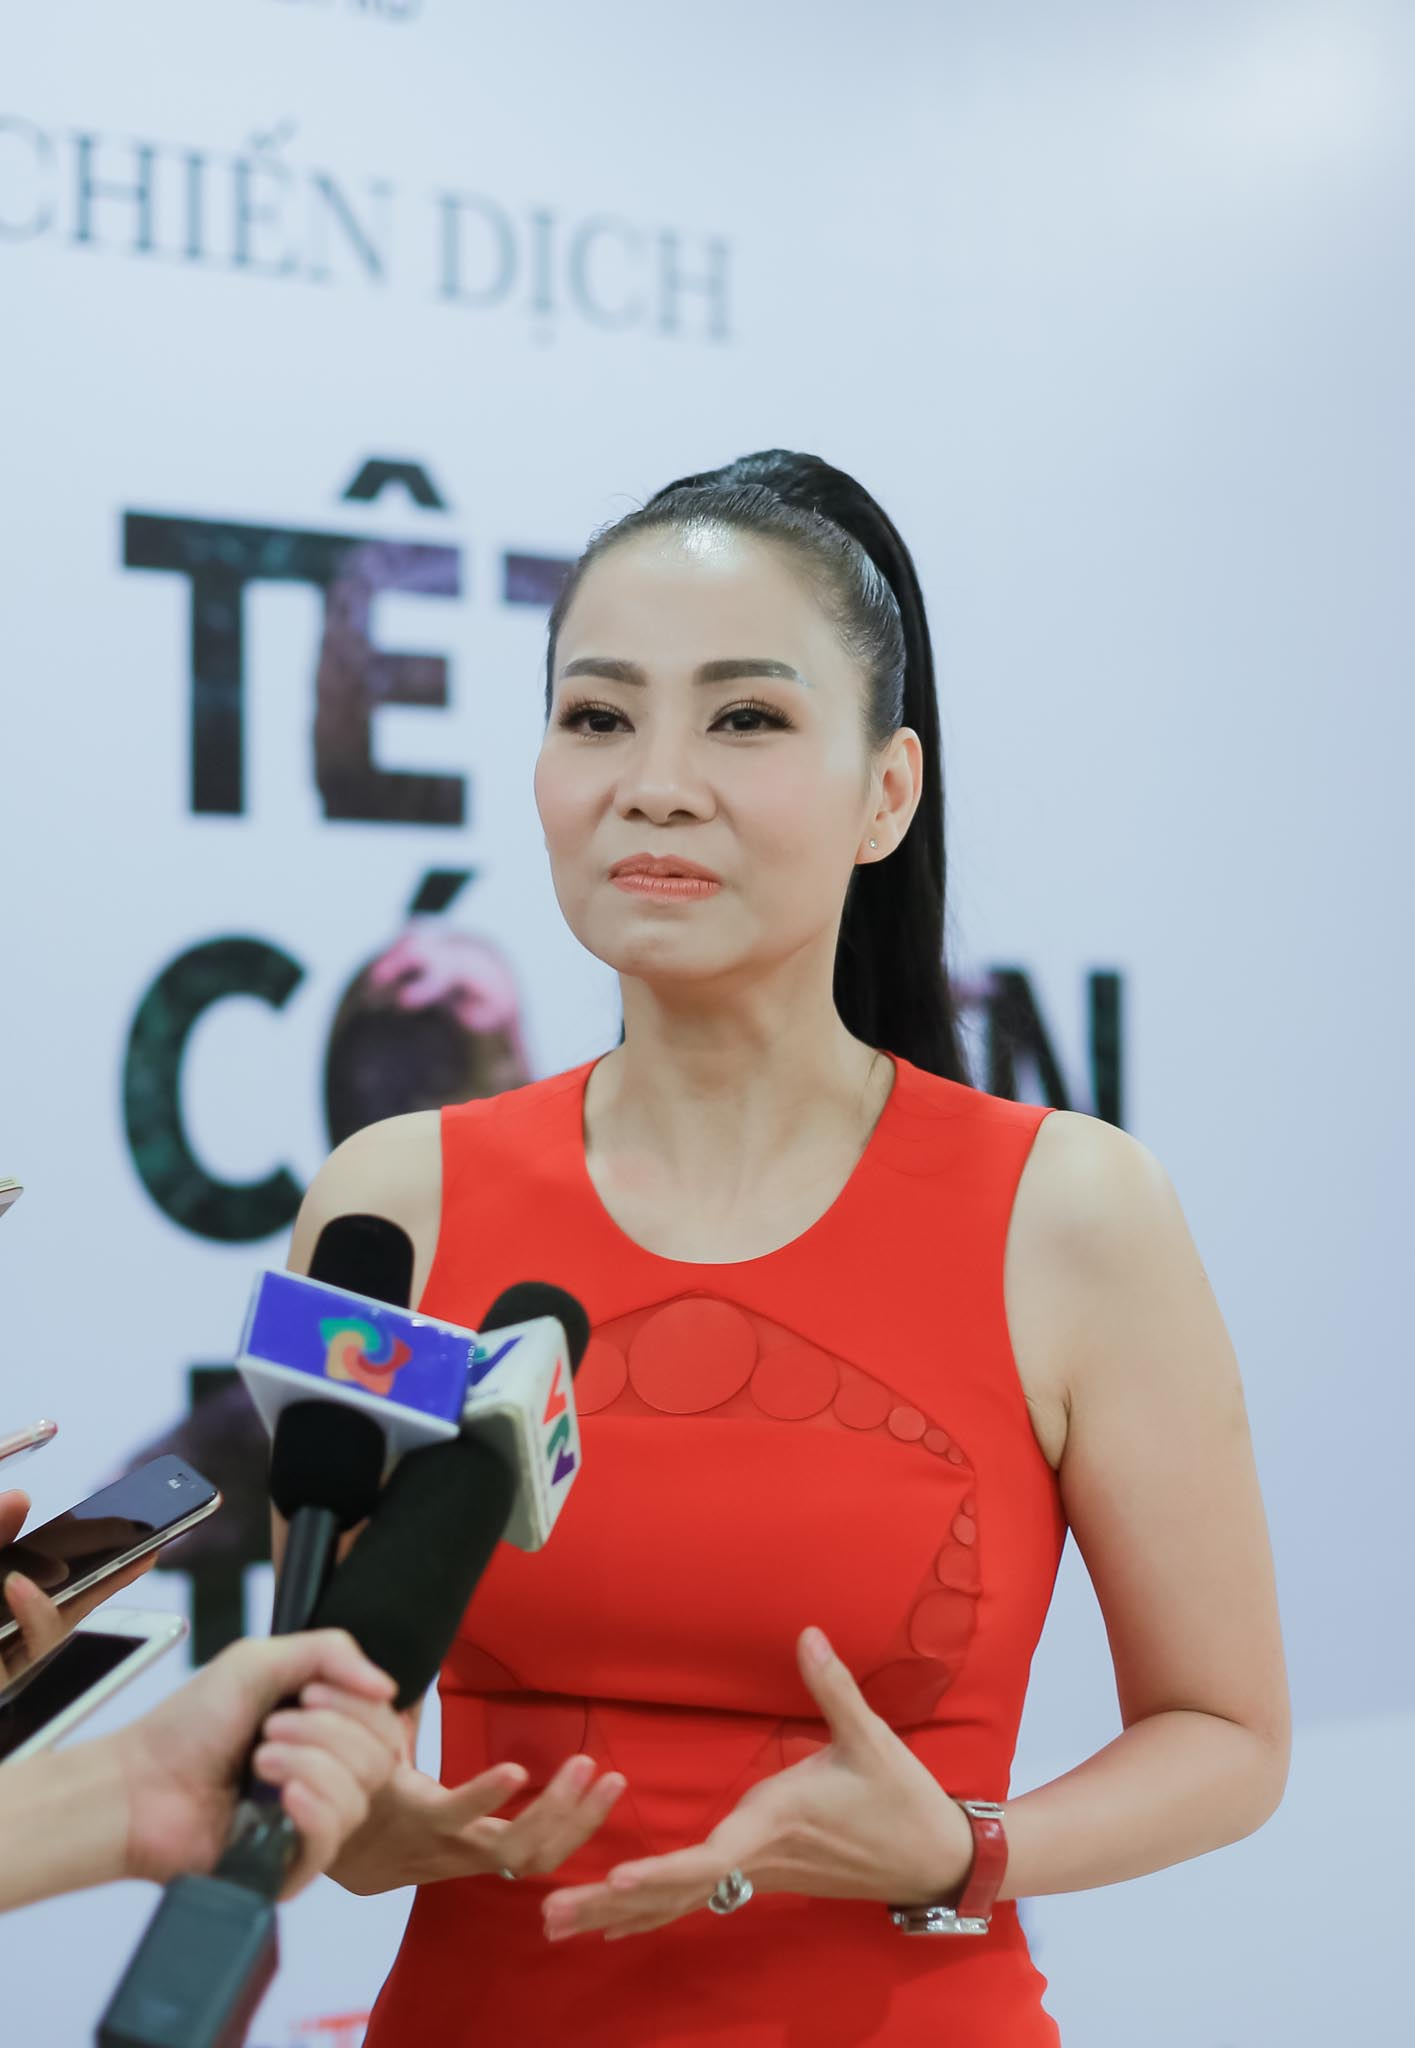 """Thu Minh bị """"ném đá"""" vì phát ngôn sốc về scandal nợ nần - 1"""